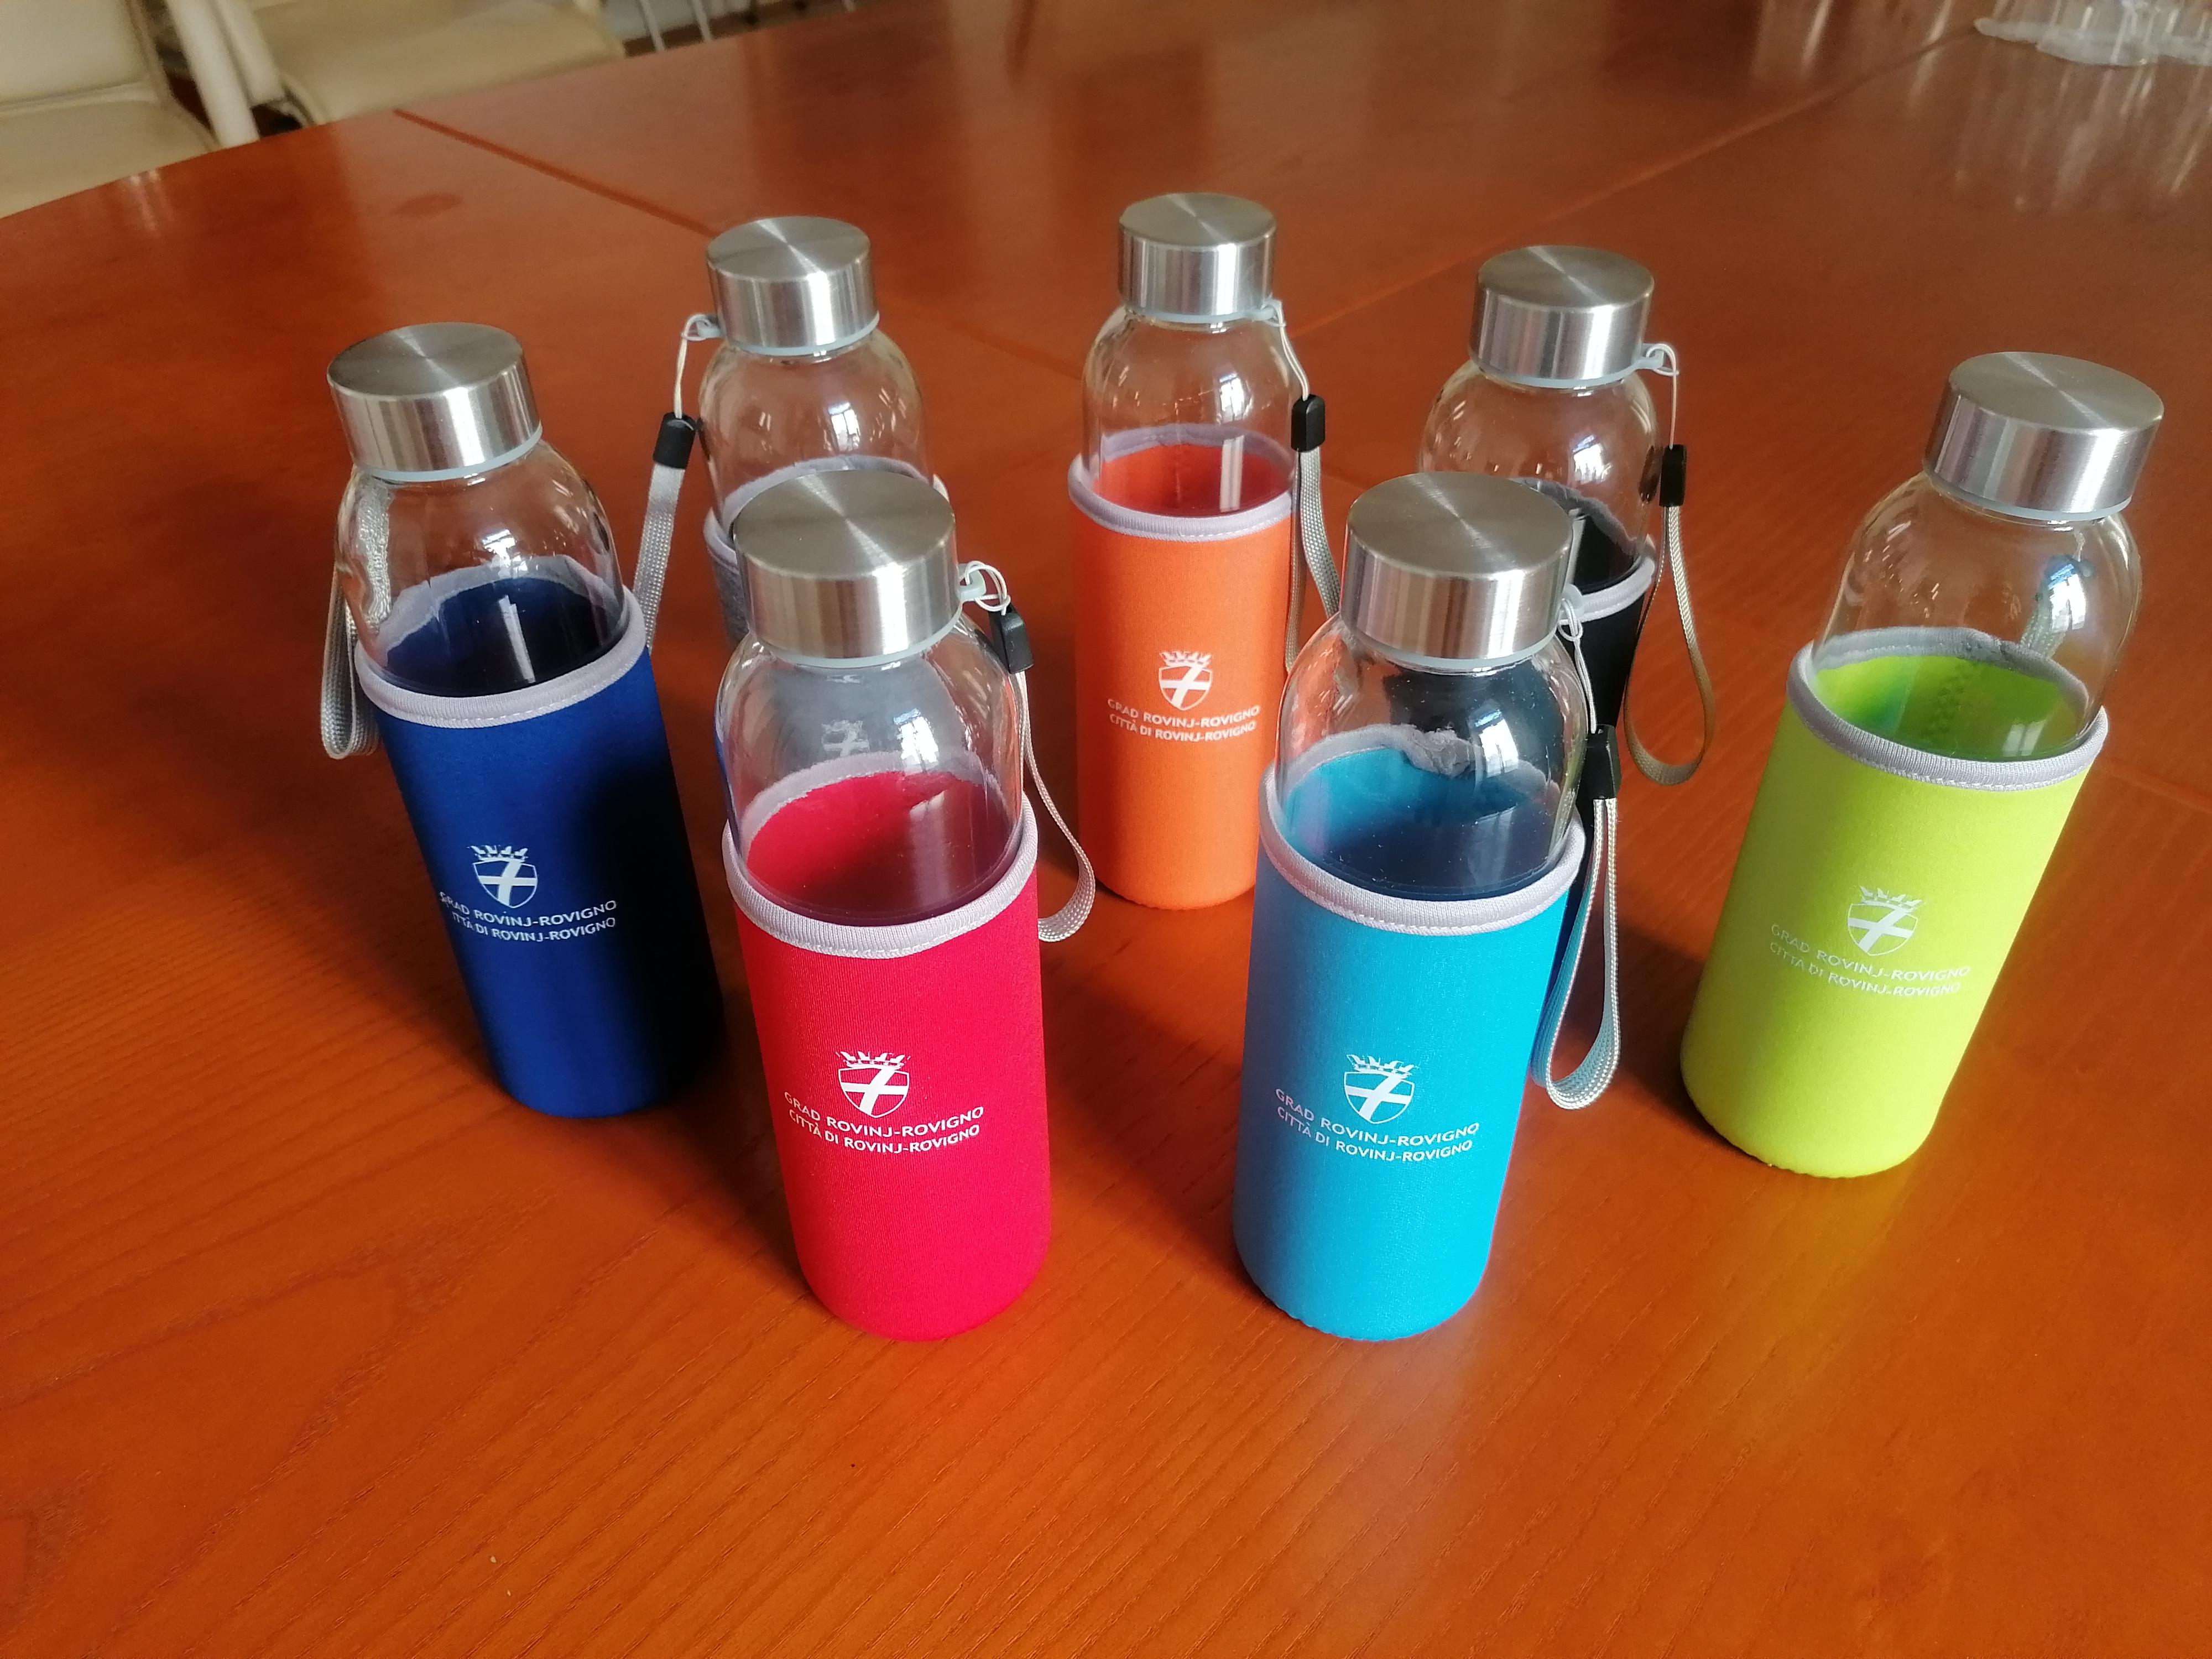 Gradska uprava Rovinja-Rovigno se odrekla vode za piće iz jednokratnih plastičnih boca i prešla na staklo i vodu iz slavine!